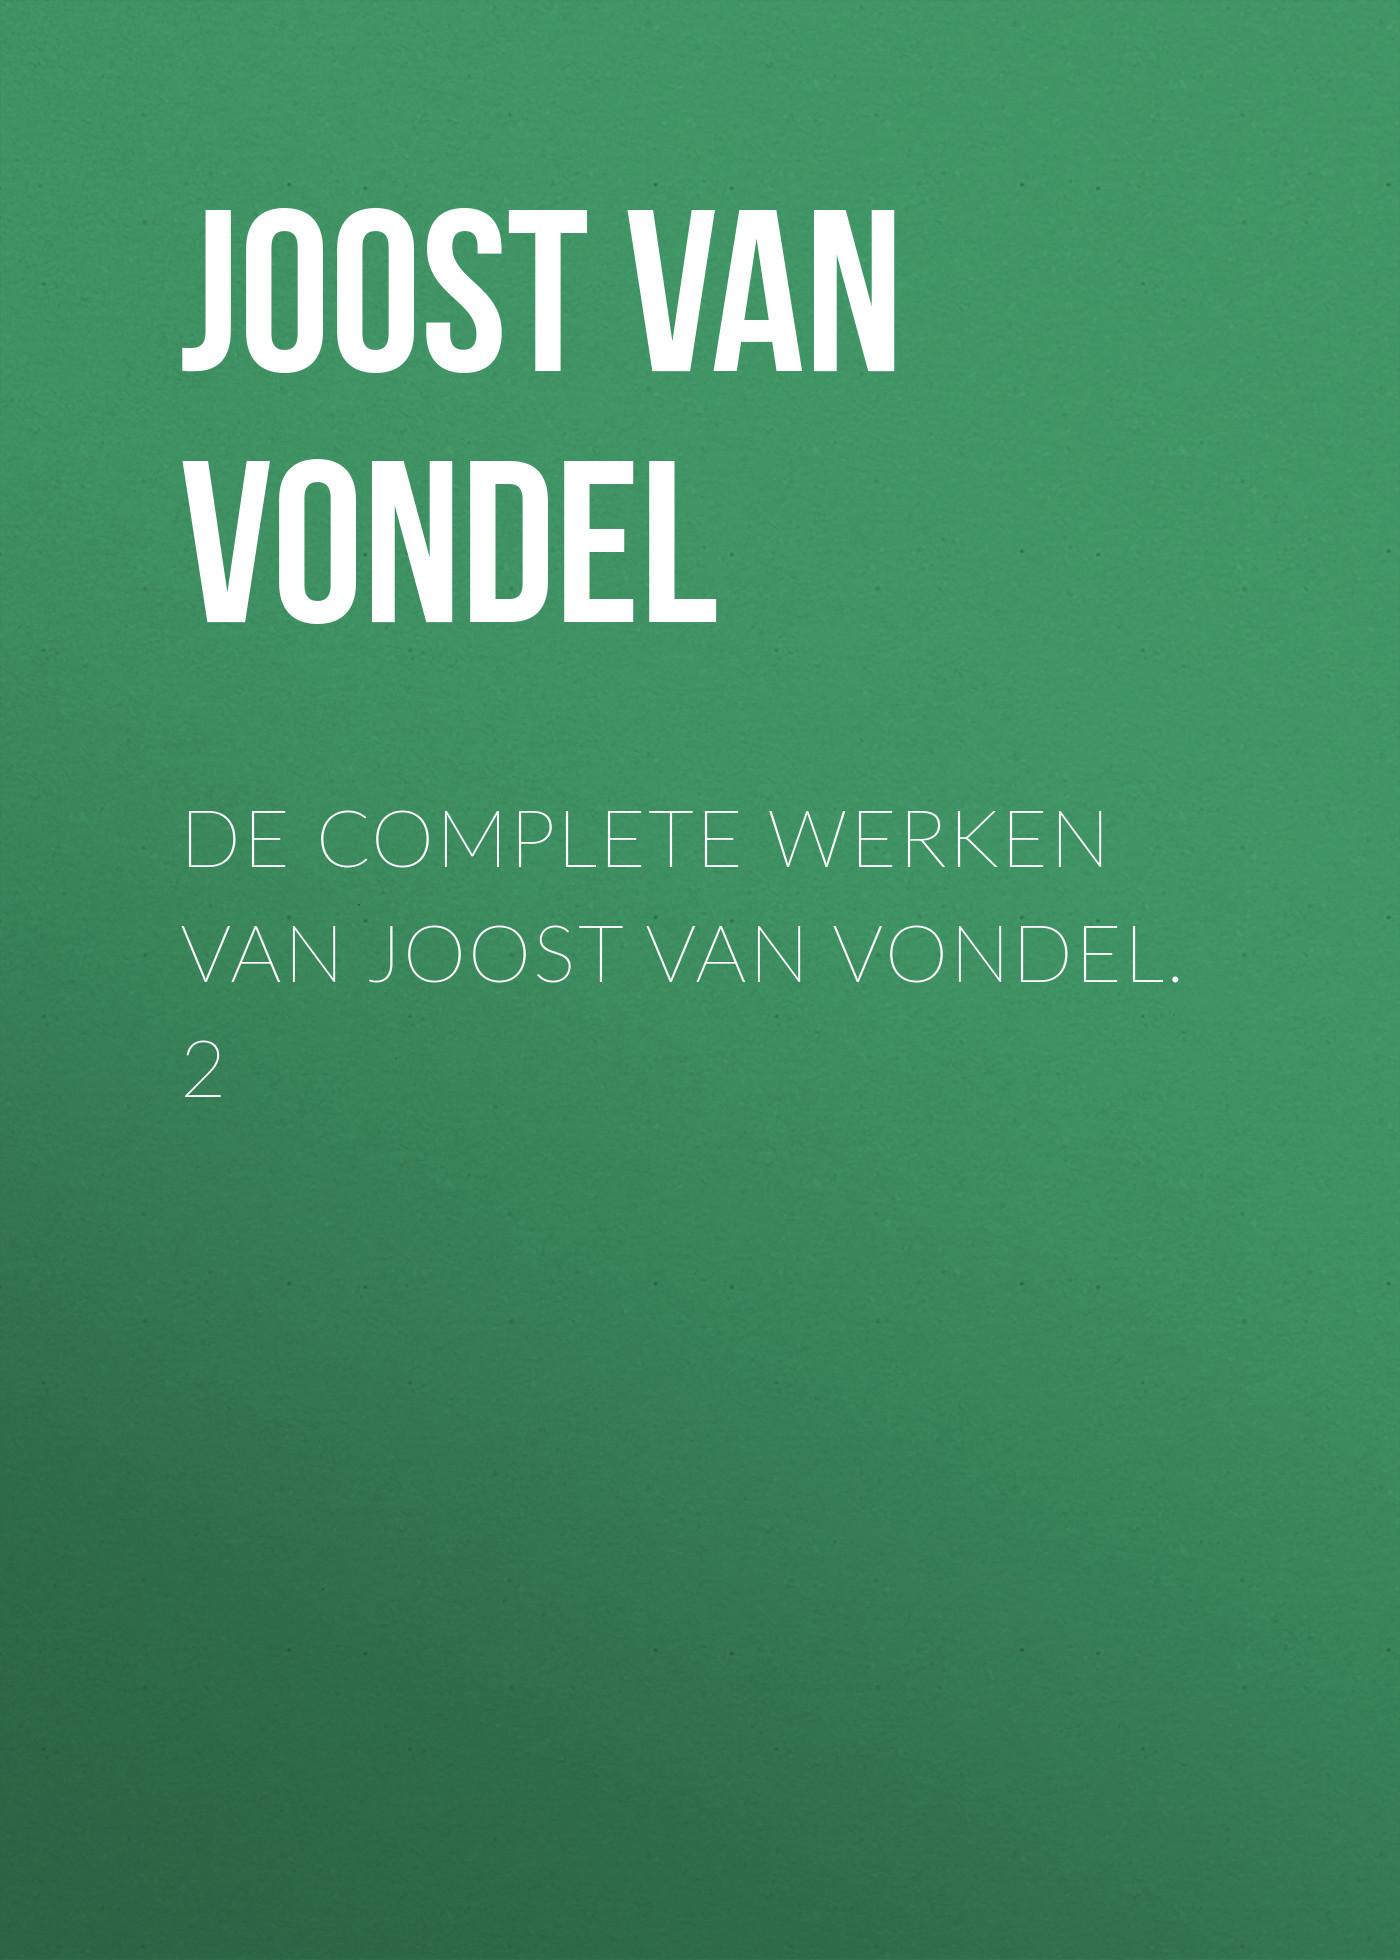 Joost van den Vondel De complete werken van Joost van Vondel. 2 olga b a van den akker reproductive health psychology